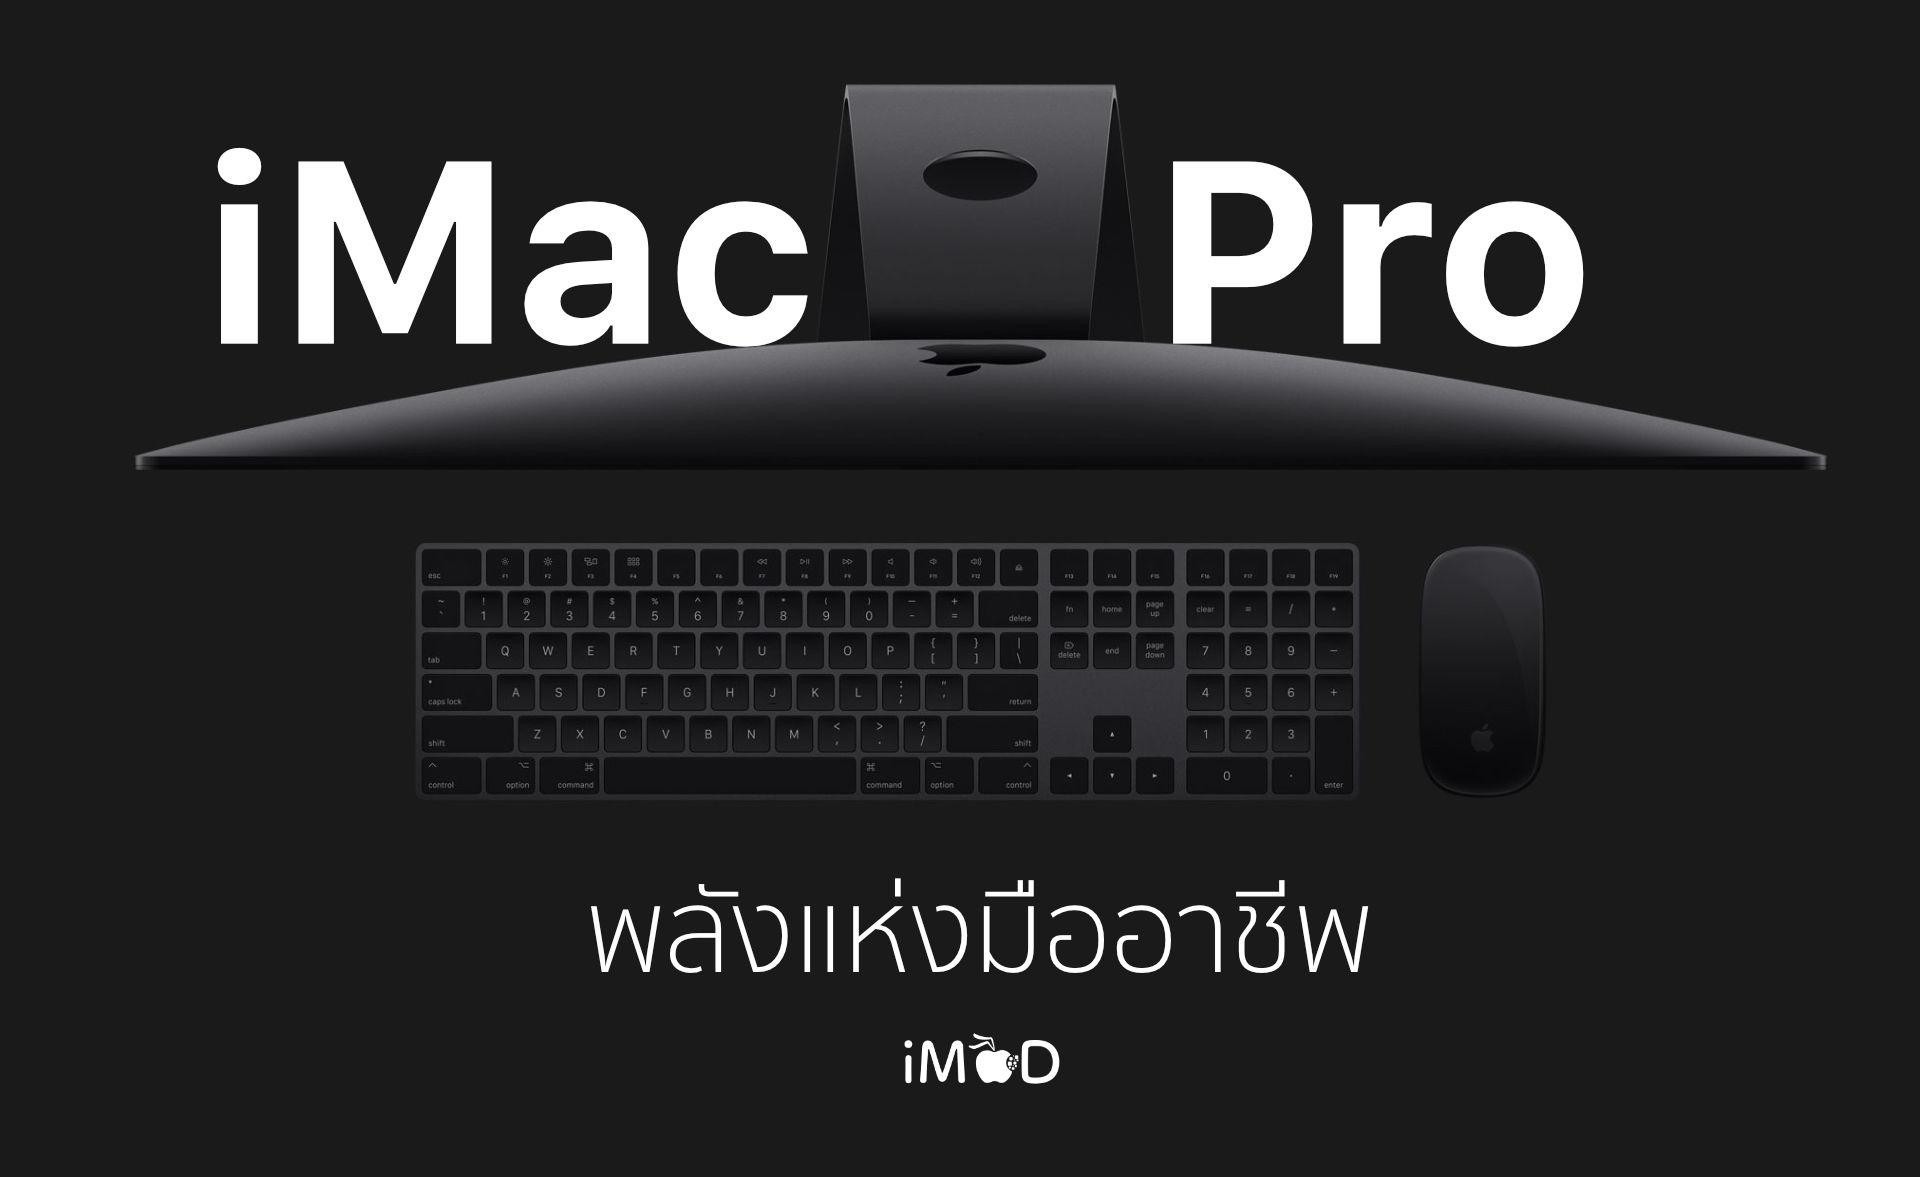 imac pro ไอแมคโปร